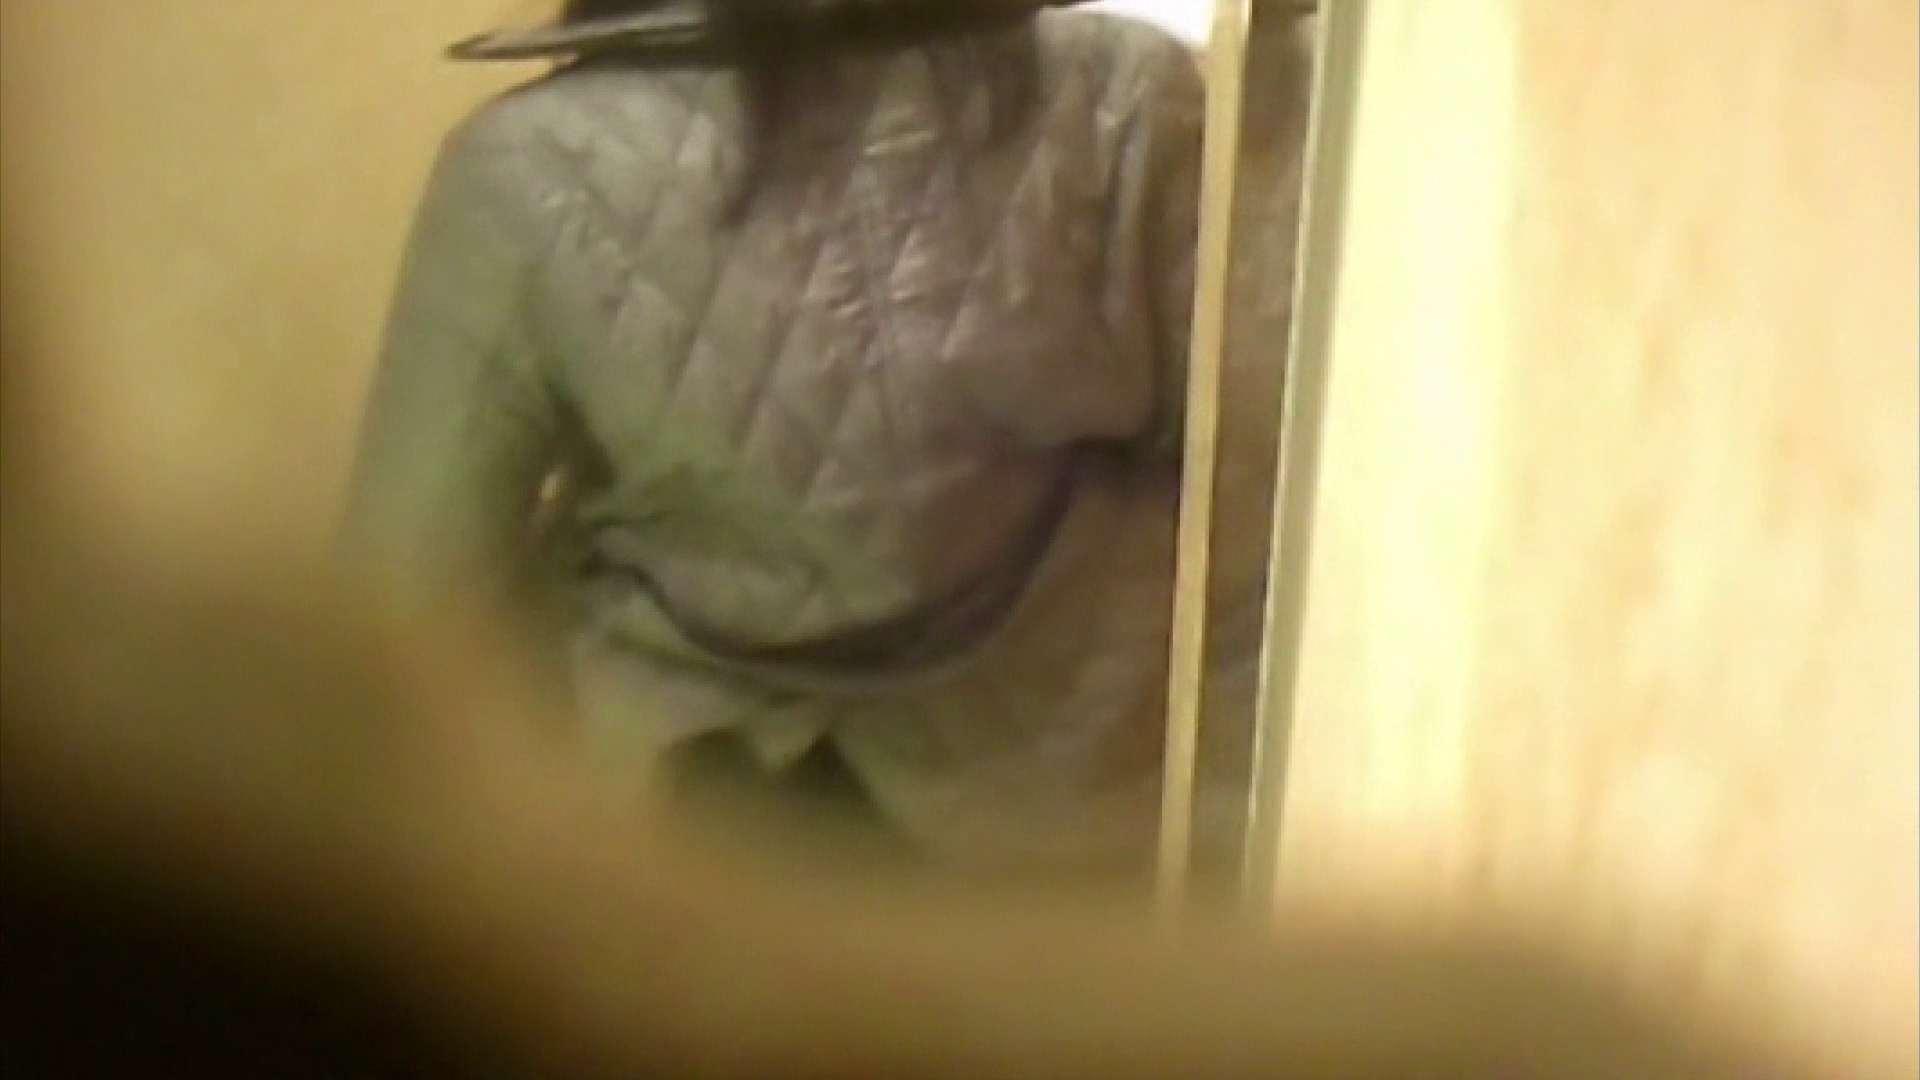 品川からお届け致します!GALS厠覗き! Vol.08 現役ギャル おまんこ無修正動画無料 89pic 42